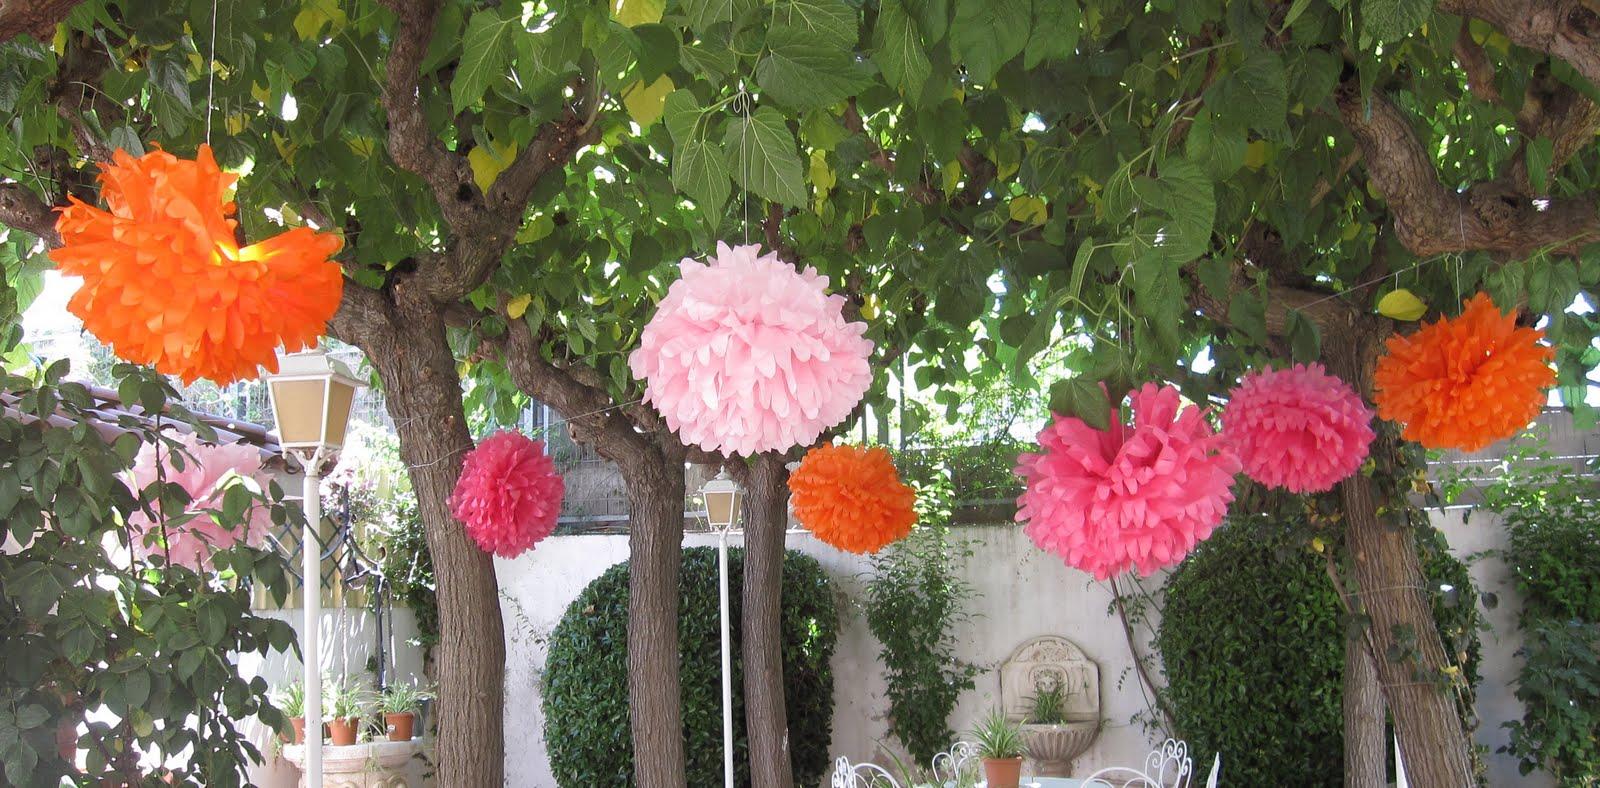 Mardefiesta pompones de papel de seda - Pompones con papel de seda ...